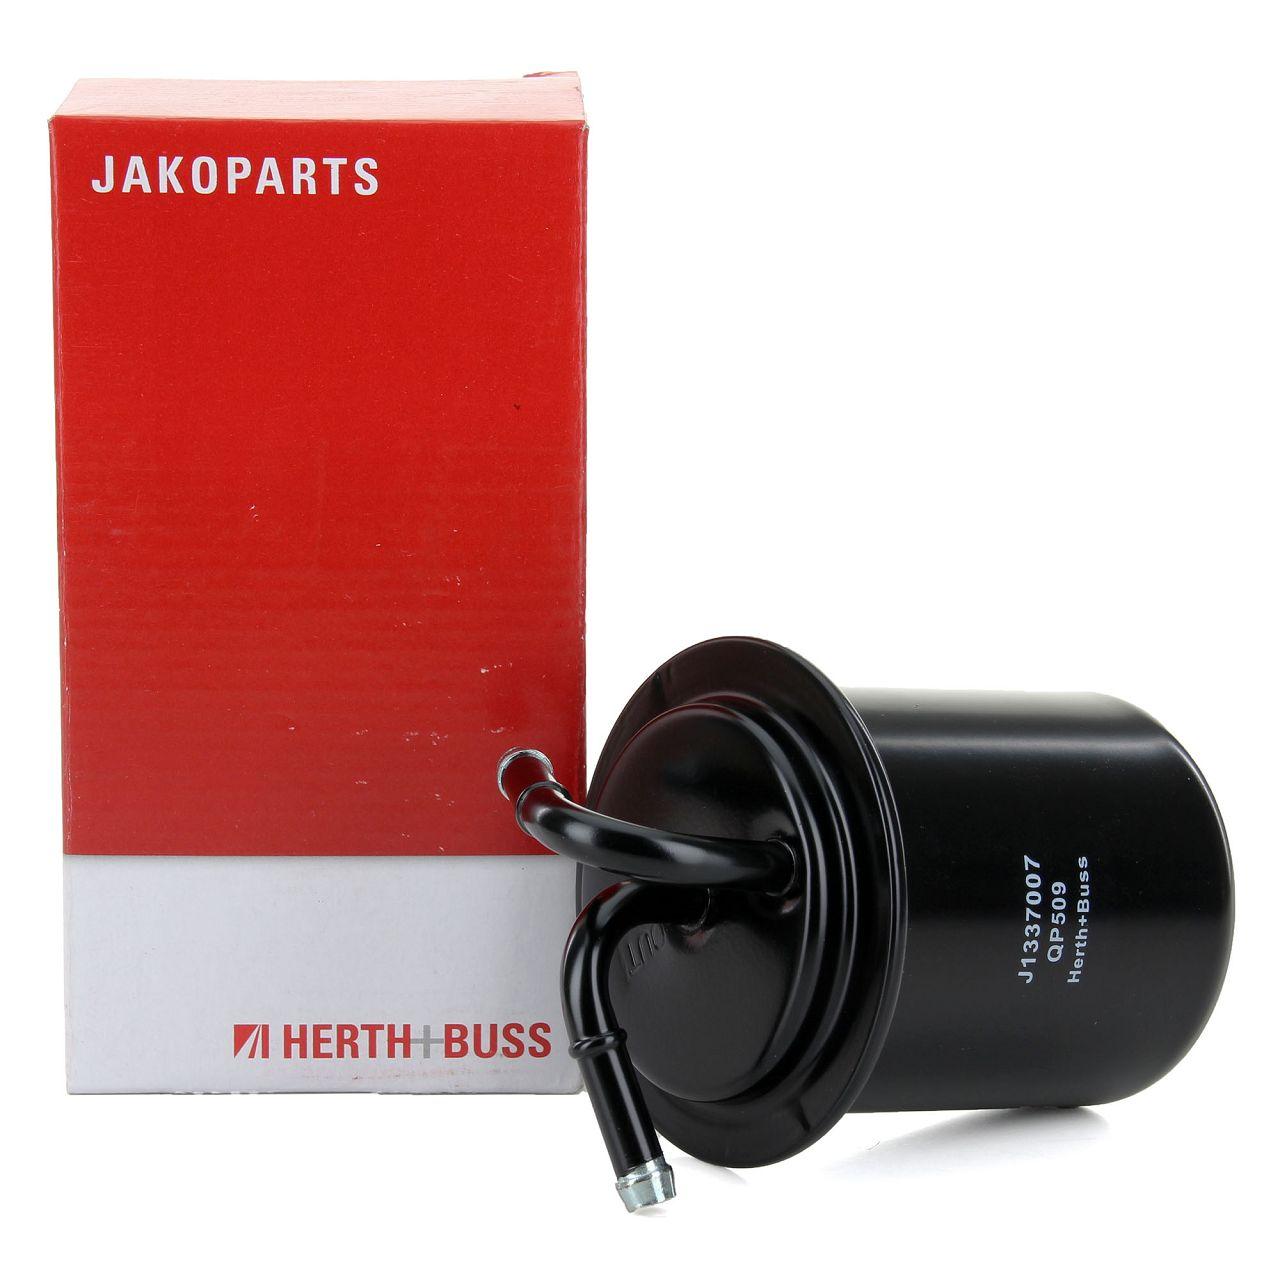 HERTH+BUSS JAKOPARTS Kraftstofffilter Benzinfilter 1.6 1.8 2.0 2.2 2.5 3.3